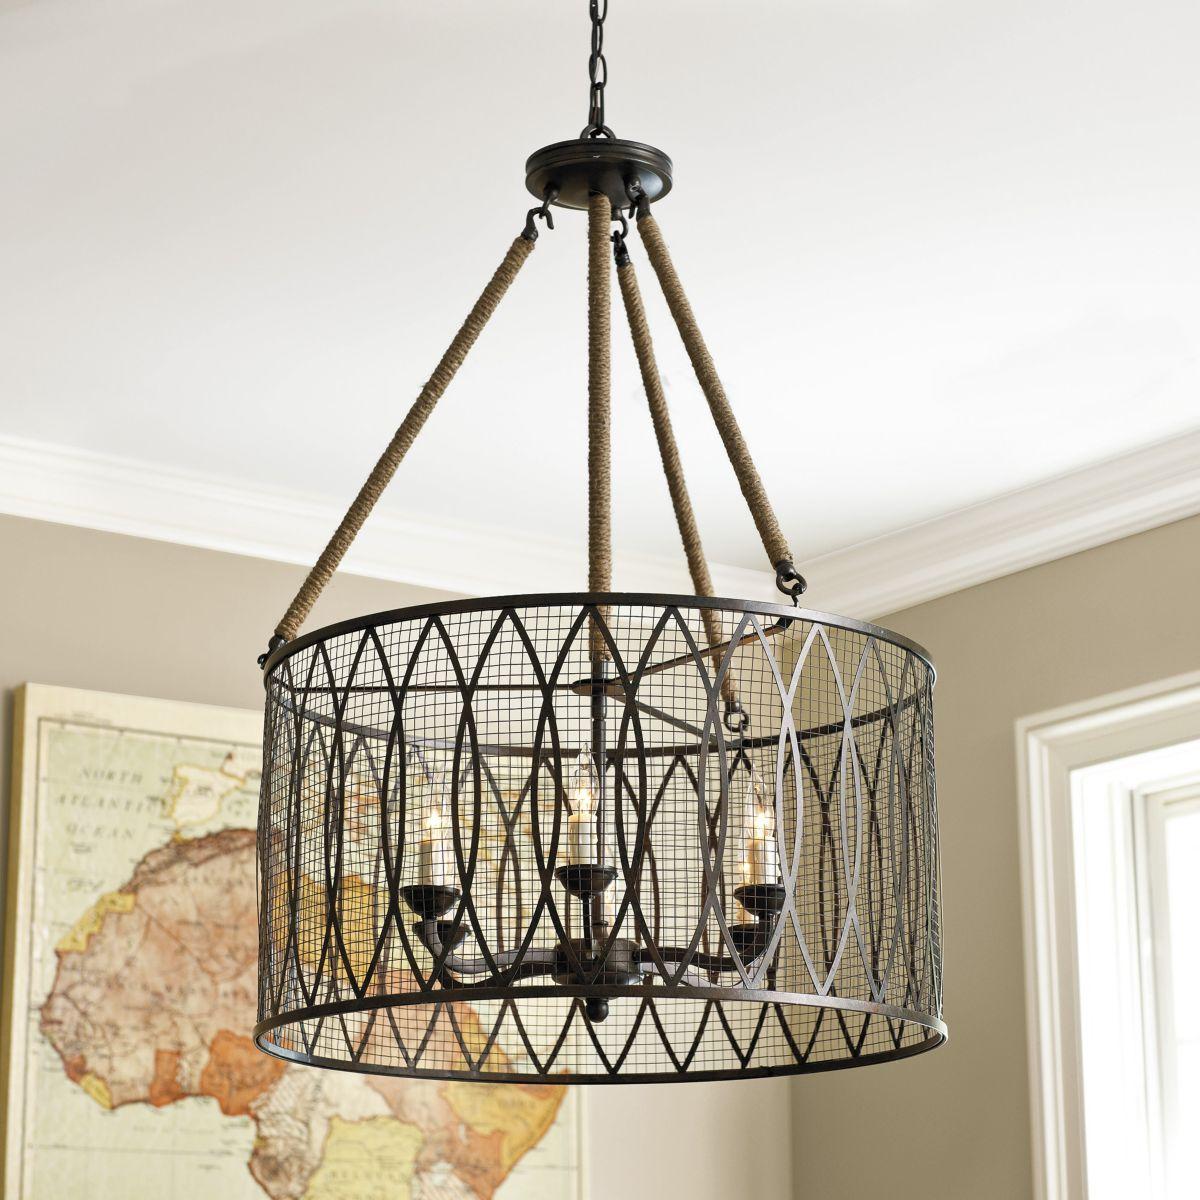 Denley 6 light pendant chandelier pendant chandelier denley 6 light pendant chandelier arubaitofo Images